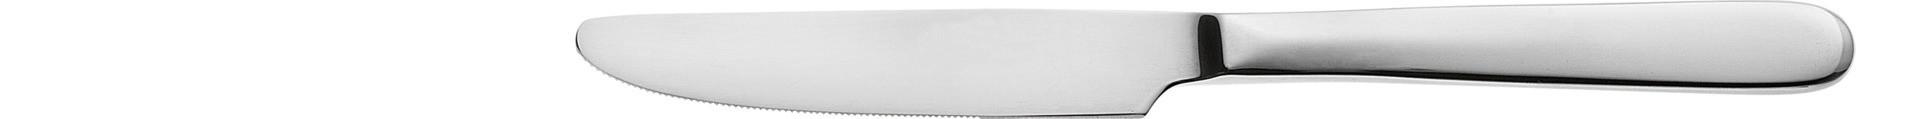 Gusto, Dessertmesser Monoblock 204 mm poliert